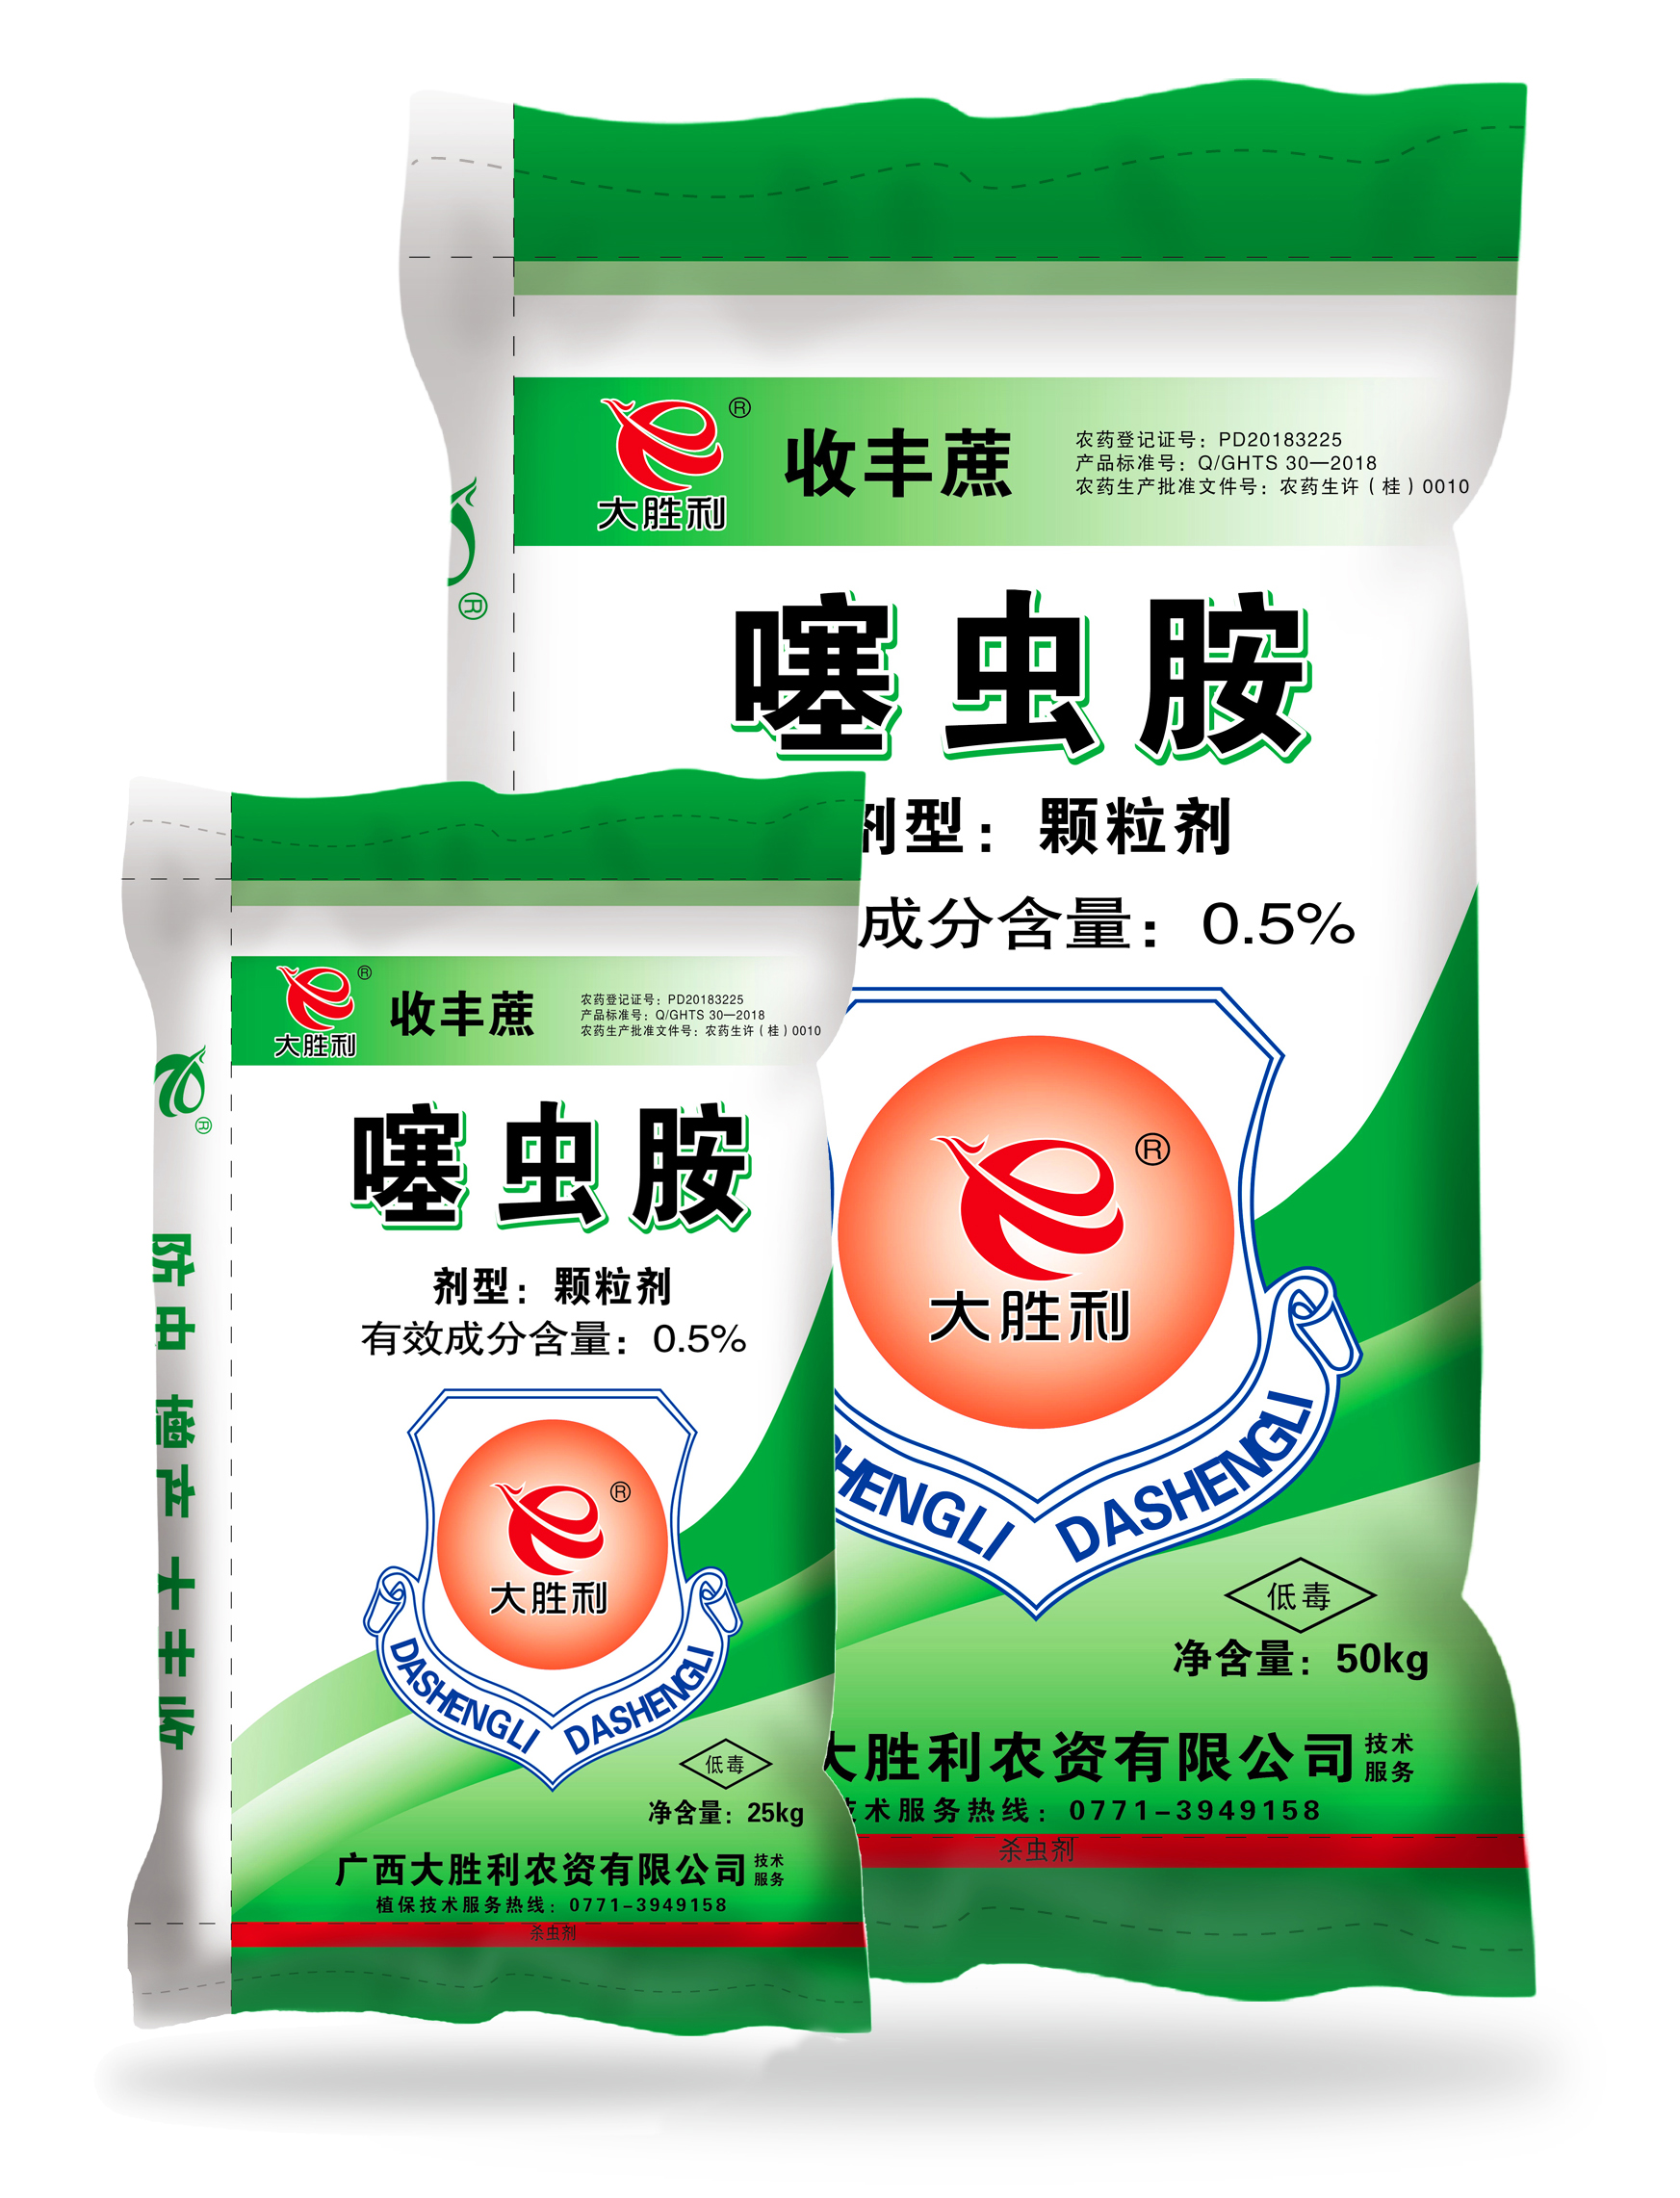 高含量甘蔗药肥(防虫.增产)